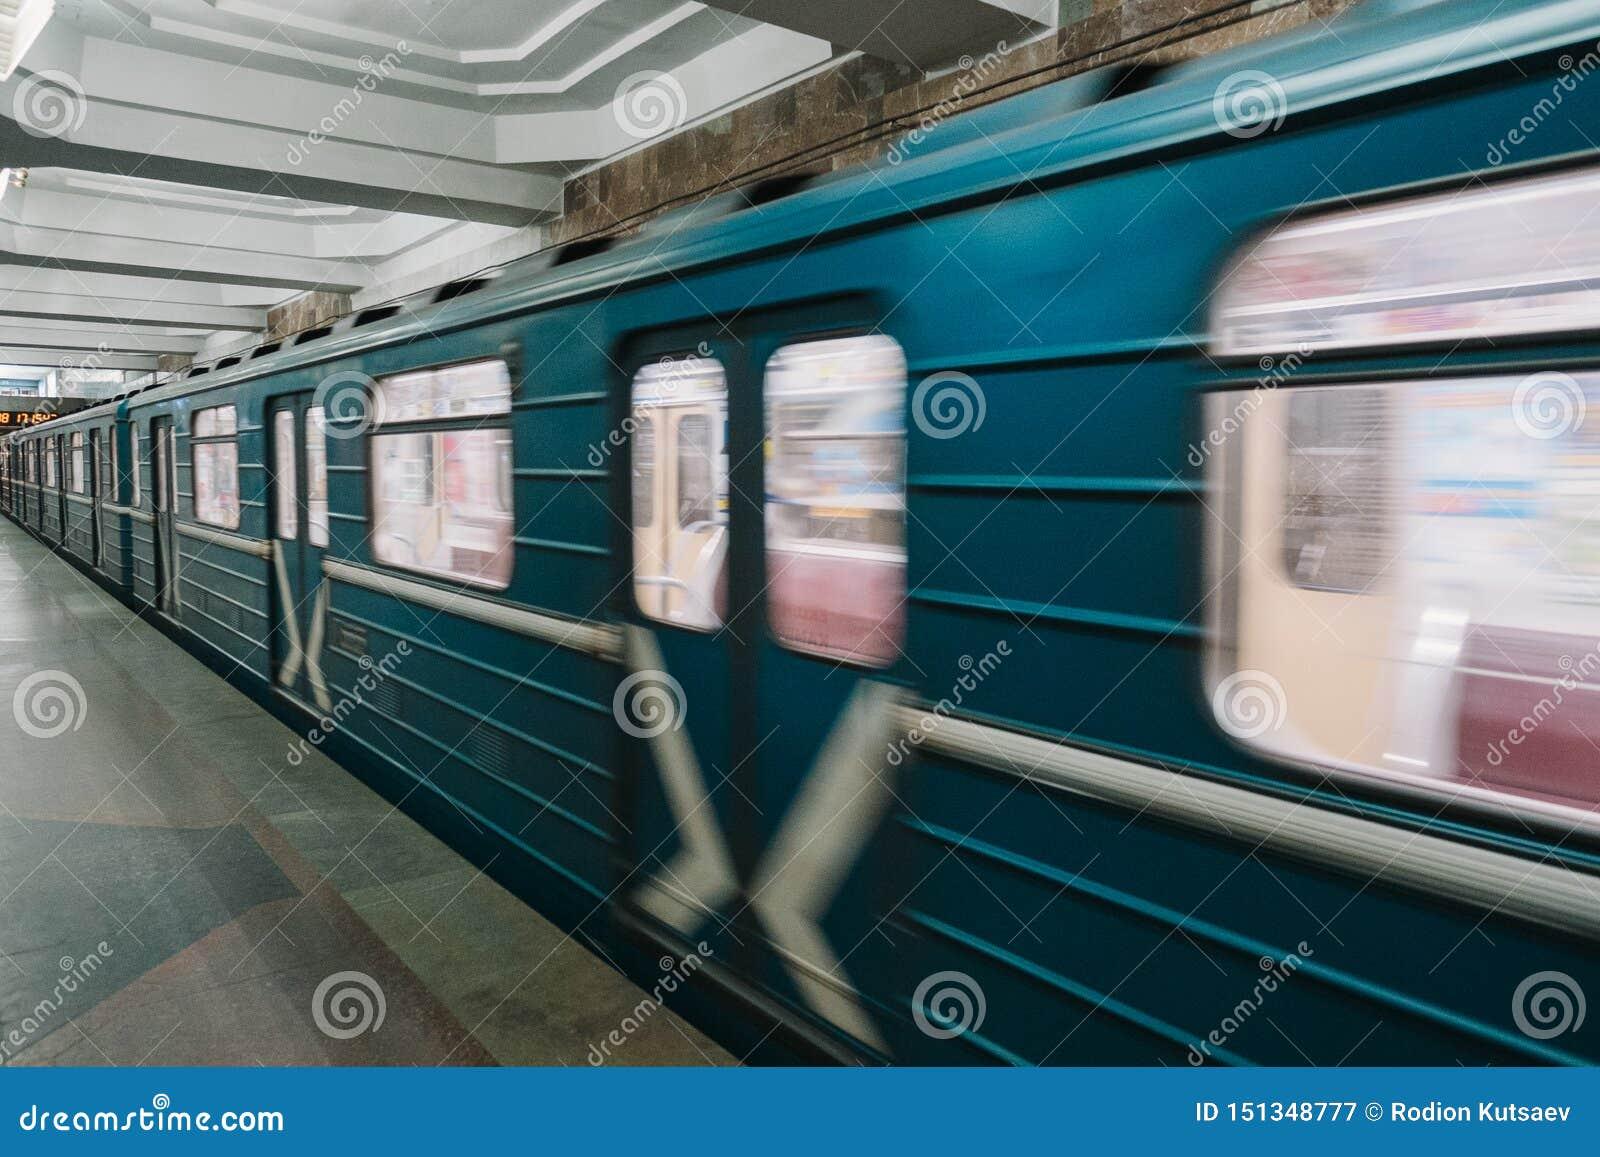 Βαγόνι εμπορευμάτων μετρό στη μετακίνηση στη υψηλή ταχύτητα, Kharkiv, Ουκρανία